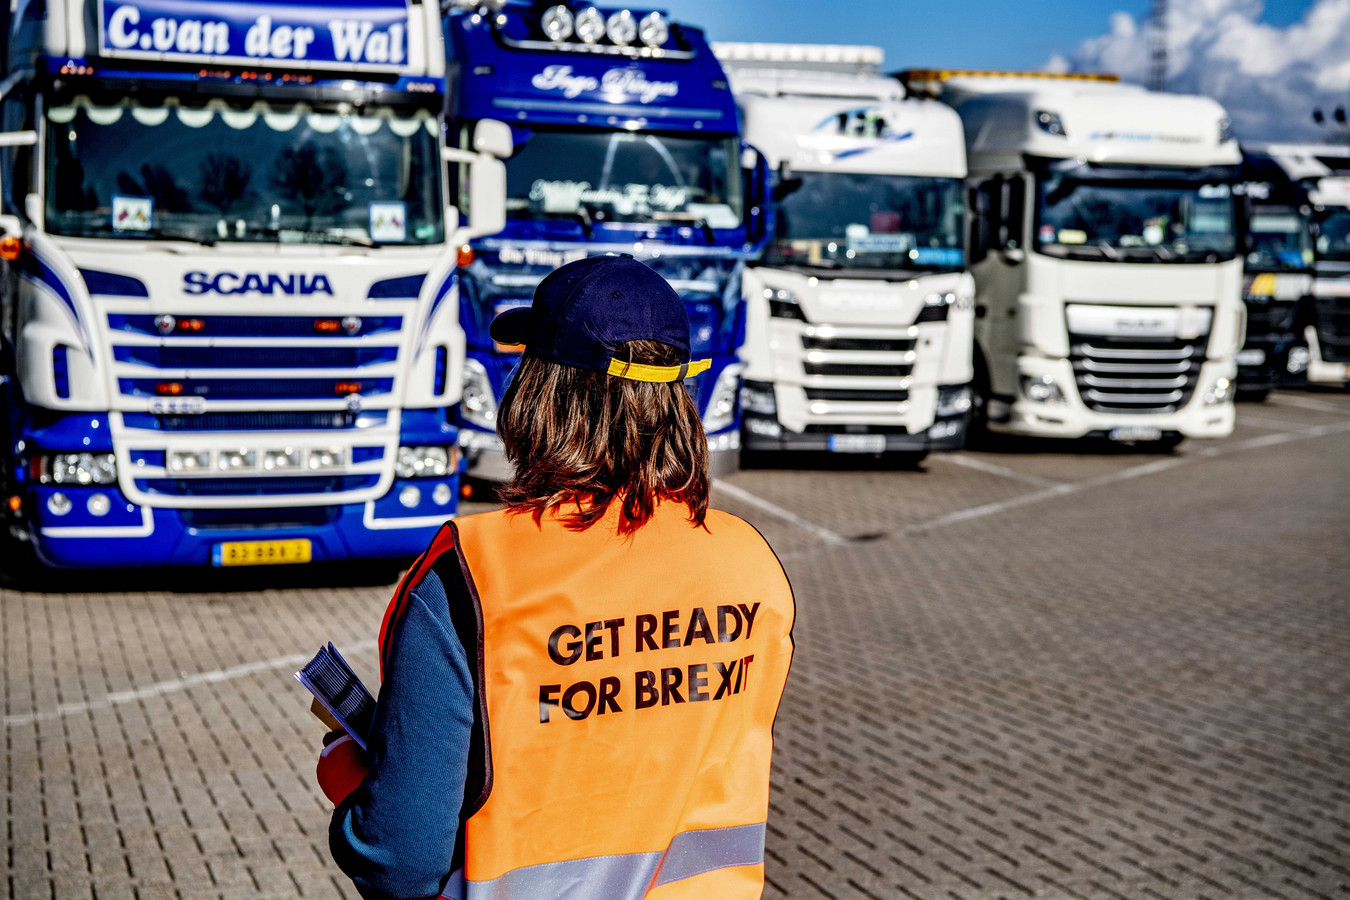 Een medewerker van het Havenbedrijf Rotterdam deelt voorlichtingsfolders uit over de Brexit.